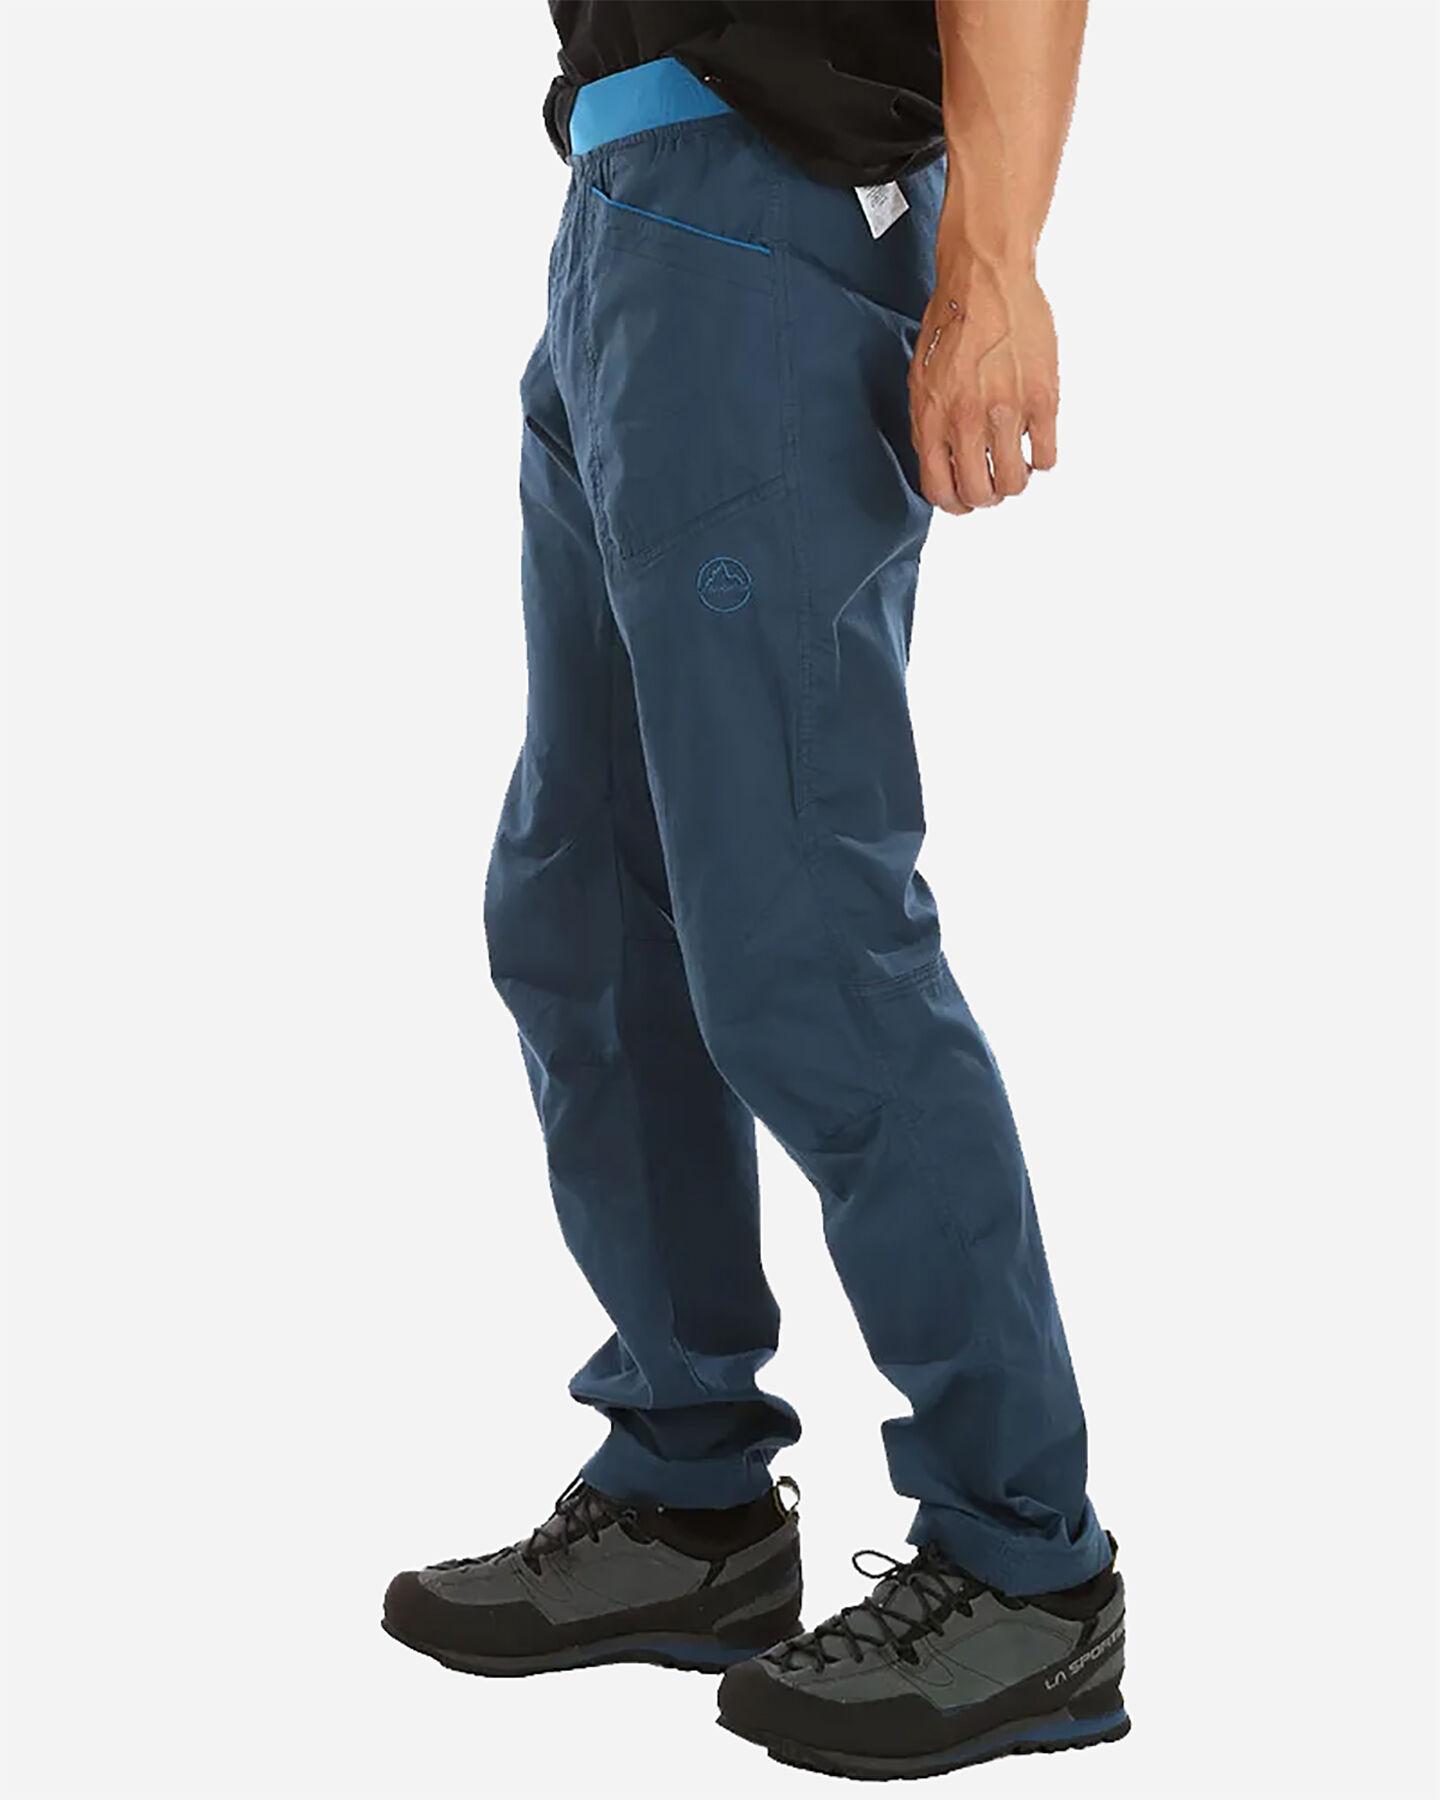 Pantalone outdoor LA SPORTIVA ROOTS M S5198550 scatto 3